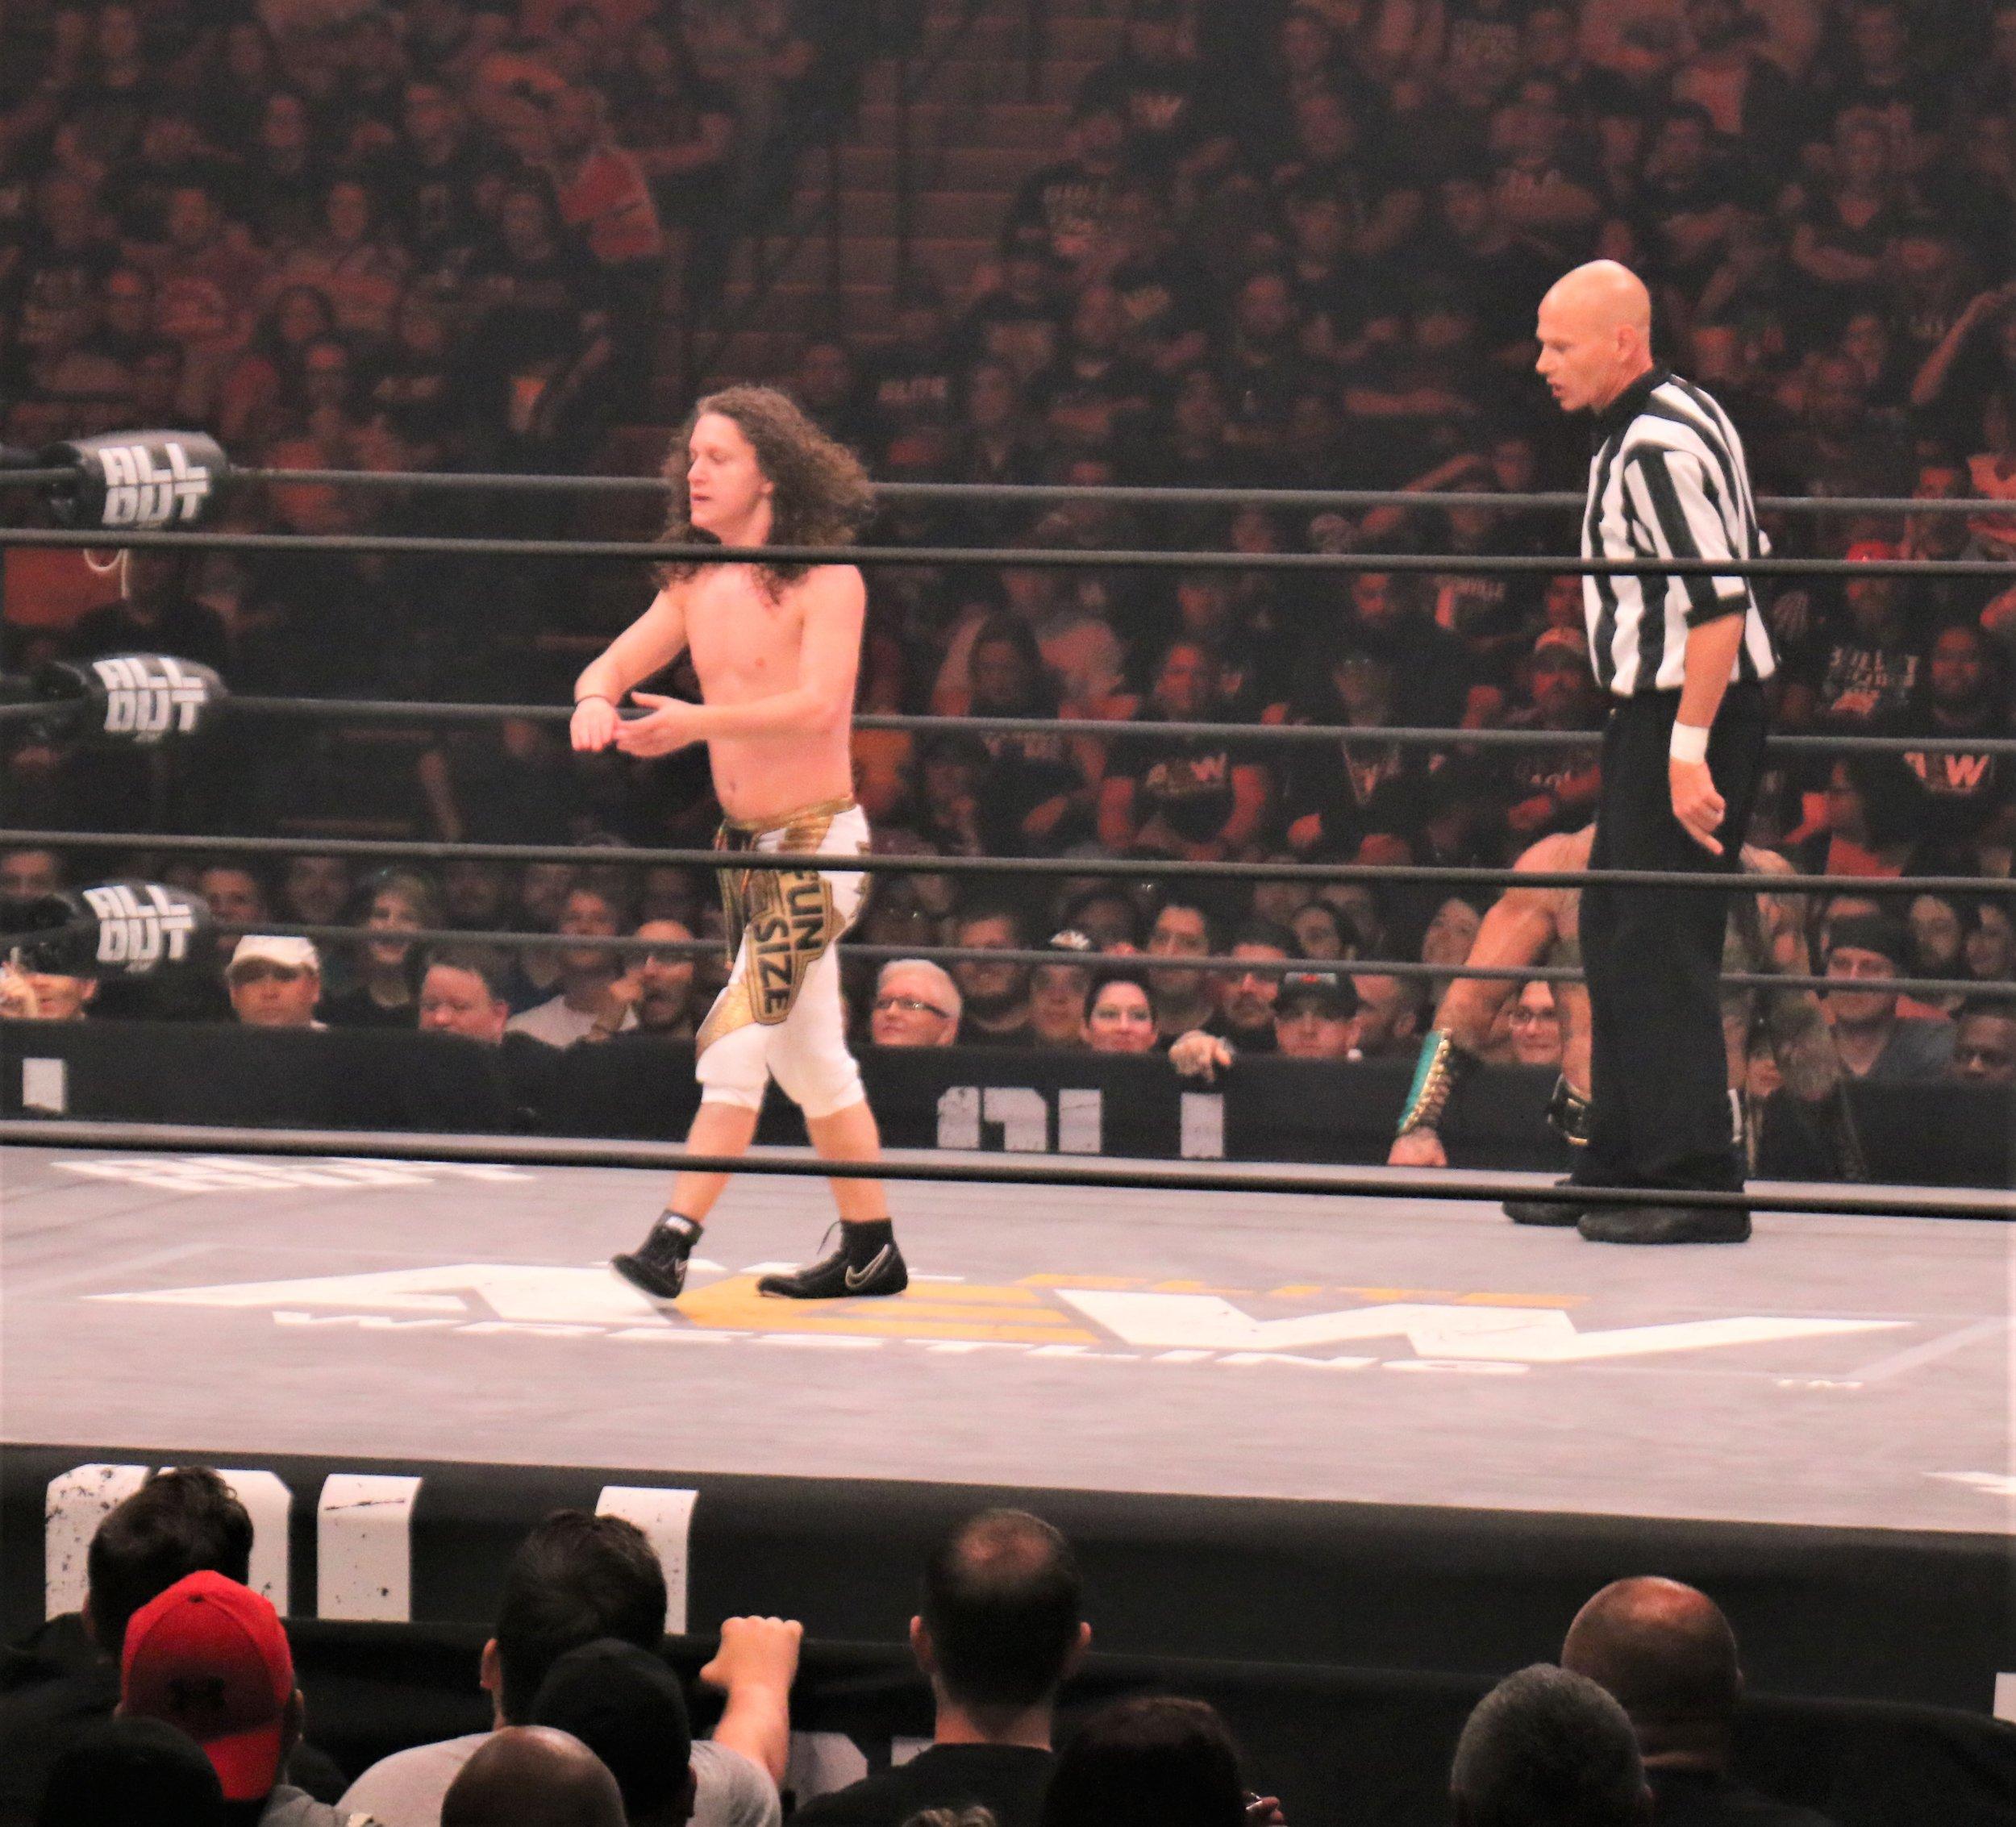 Marko Stunt in the ring.